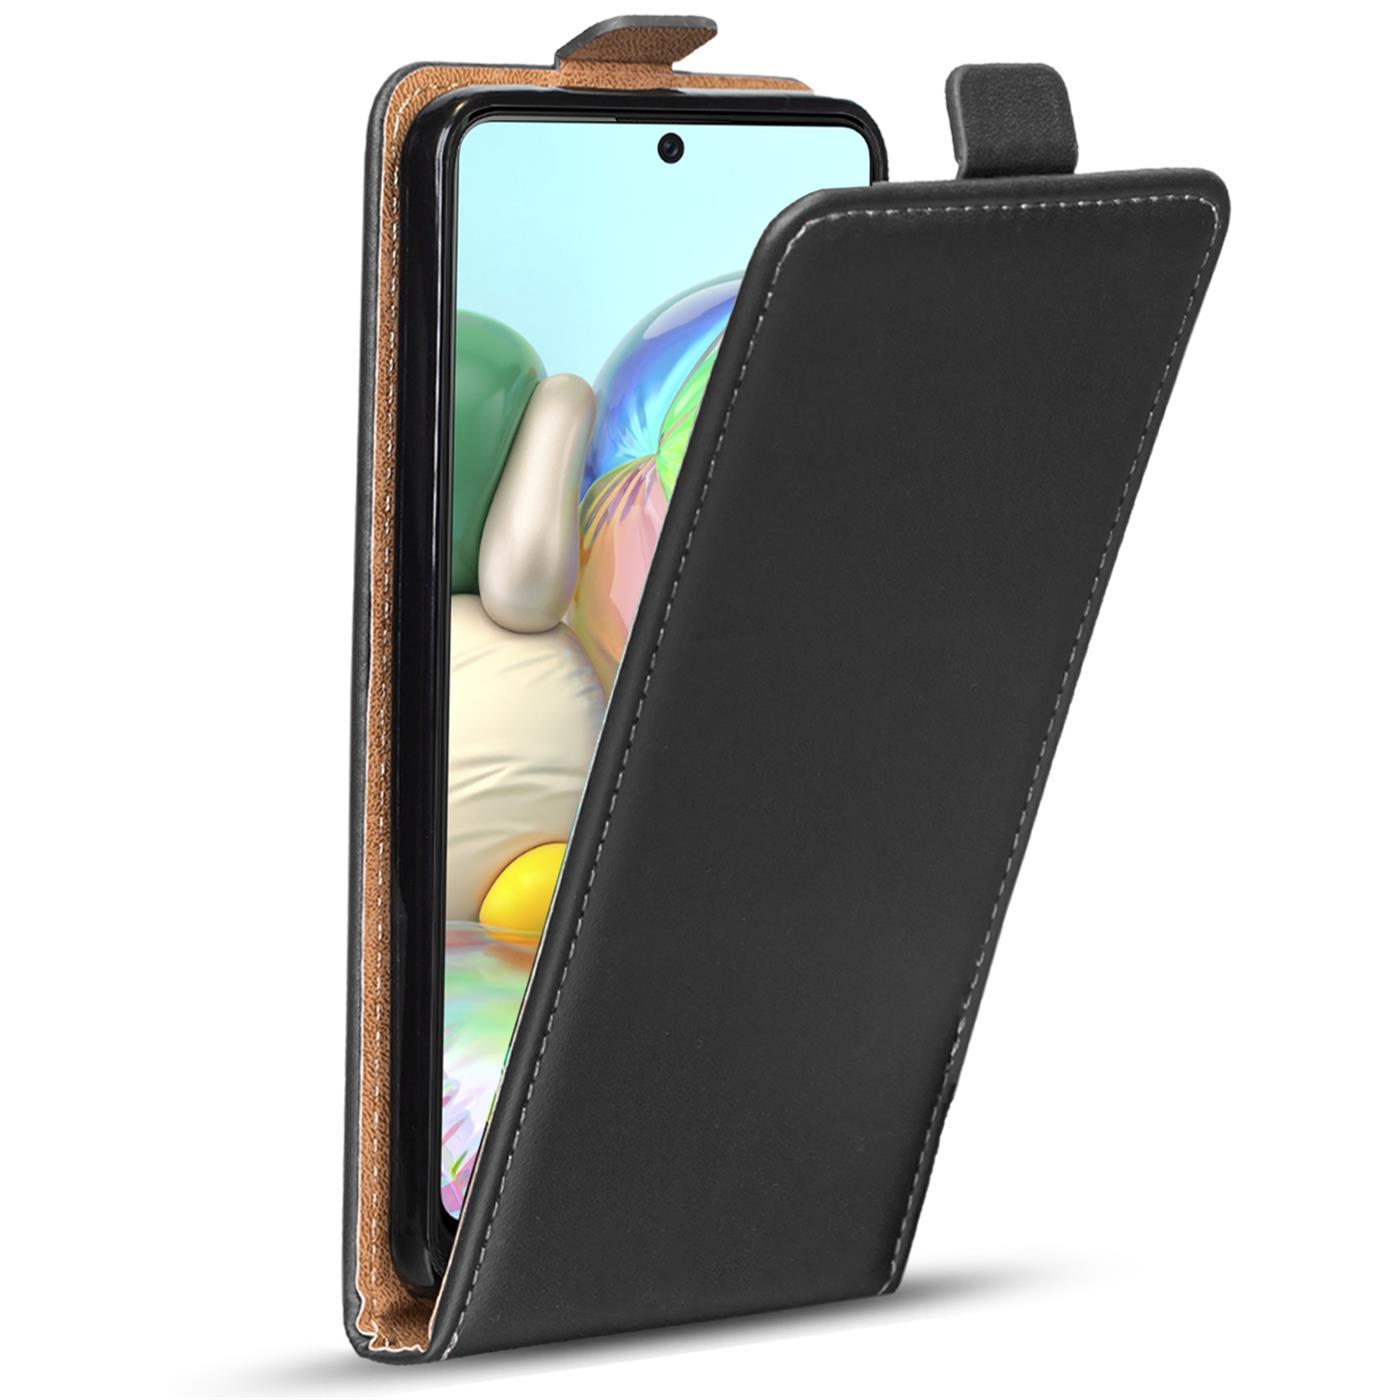 Flip-Cover-fuer-Samsung-Galaxy-A51-Huelle-Klapp-Huelle-Handy-Schutz-Tasche-Case Indexbild 9